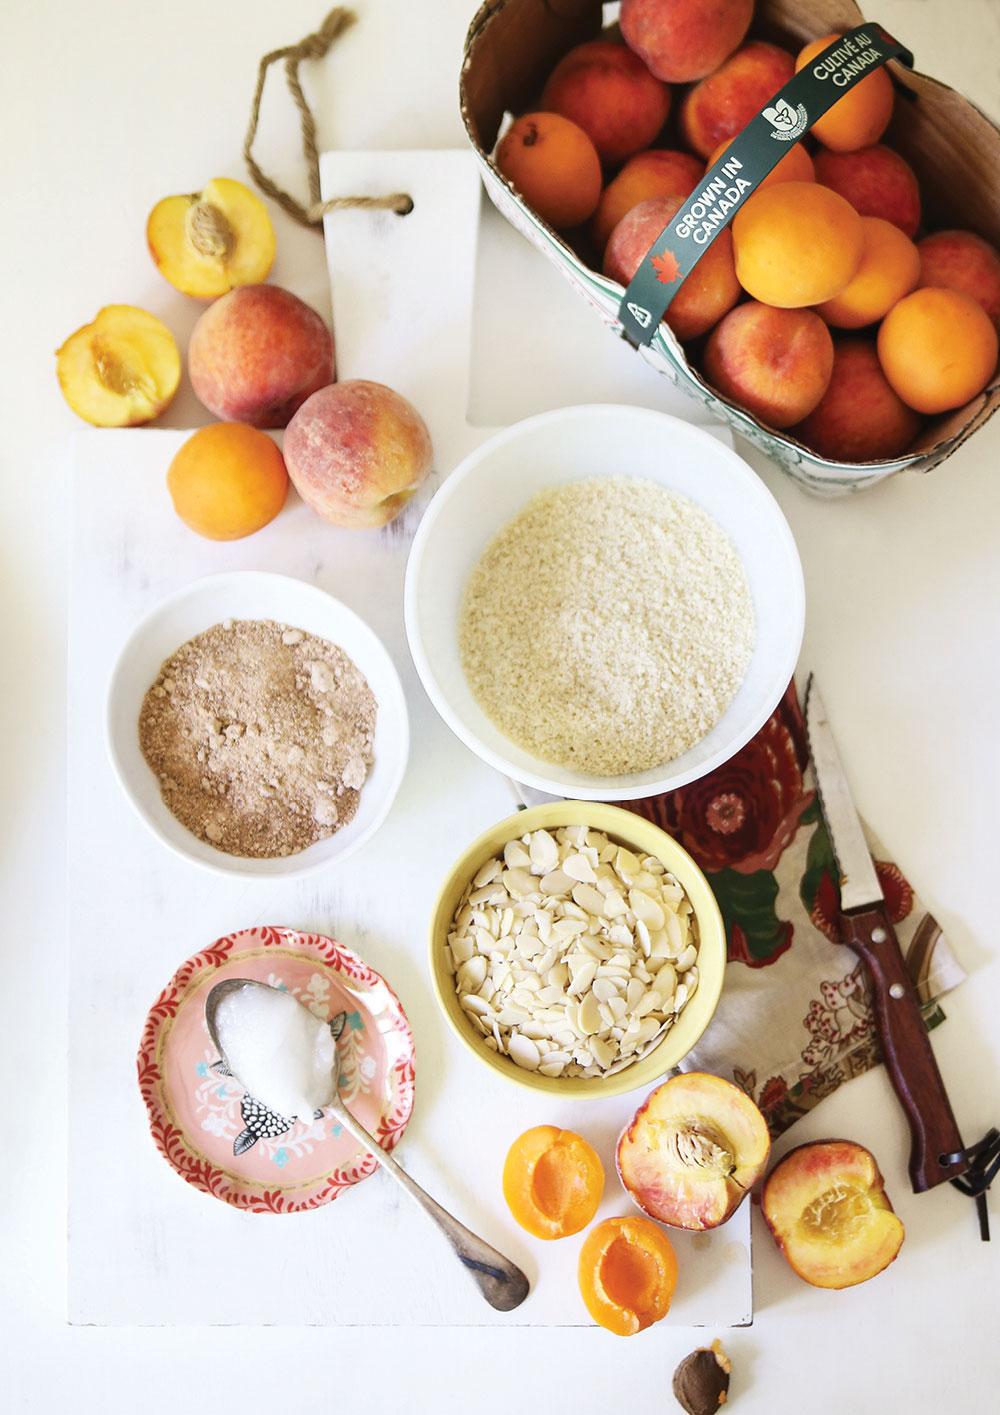 Grain-Free-Peach-Apricot-Crisp-Crumble-Pure-Ella-Leche3